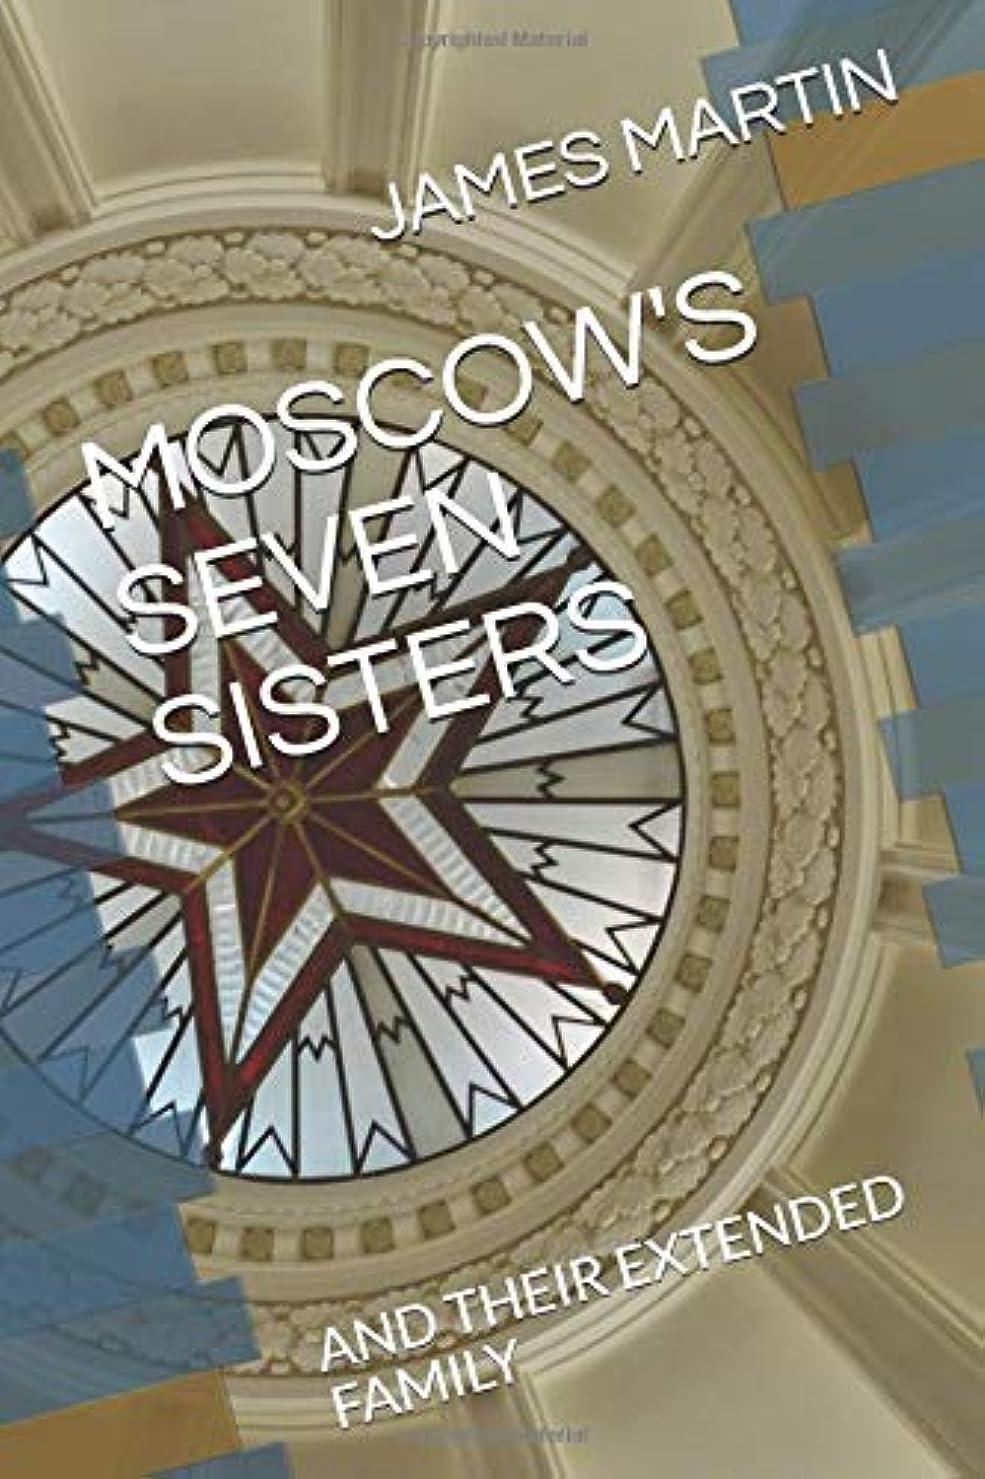 どこ英語の授業があります広告MOSCOW'S SEVEN SISTERS: AND THEIR EXTENDED FAMILY